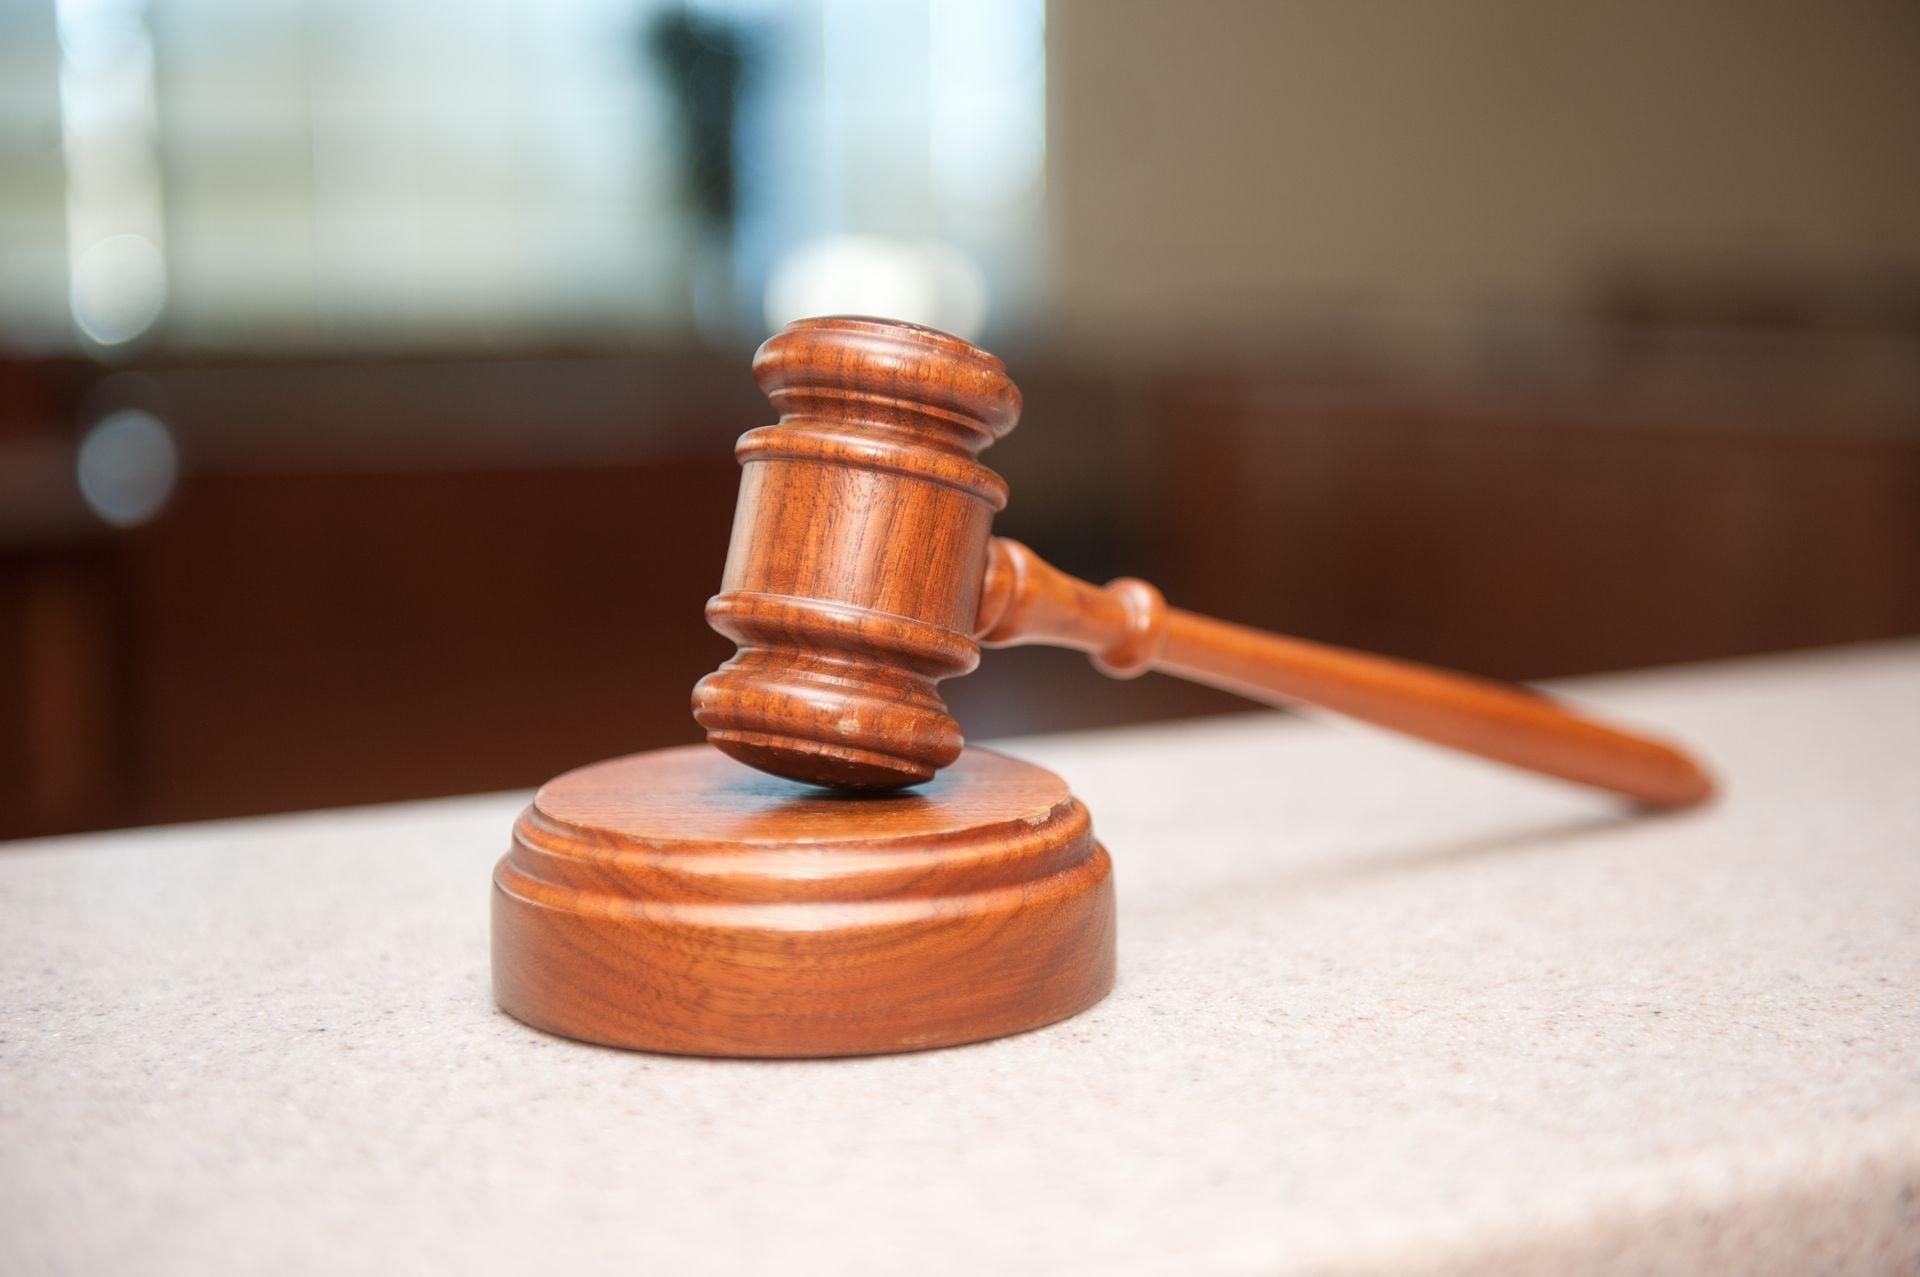 В Якутии бывший инспектор гостехнадзора приговорен к лишению свободы за получение взятки